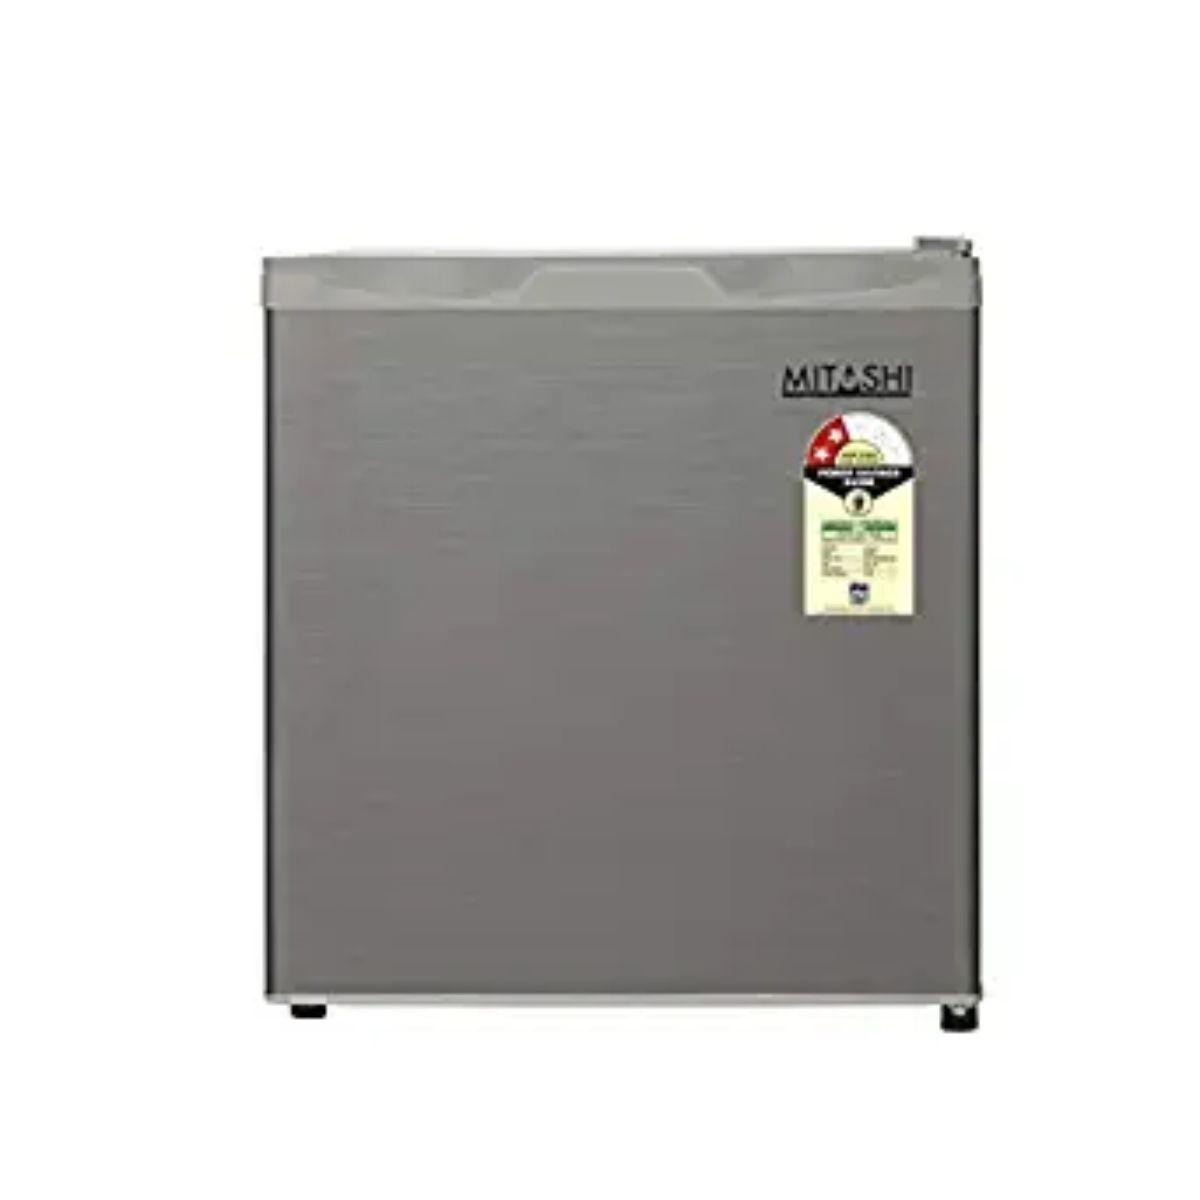 மிதாஷி 52 Liters Mini Refrigerator